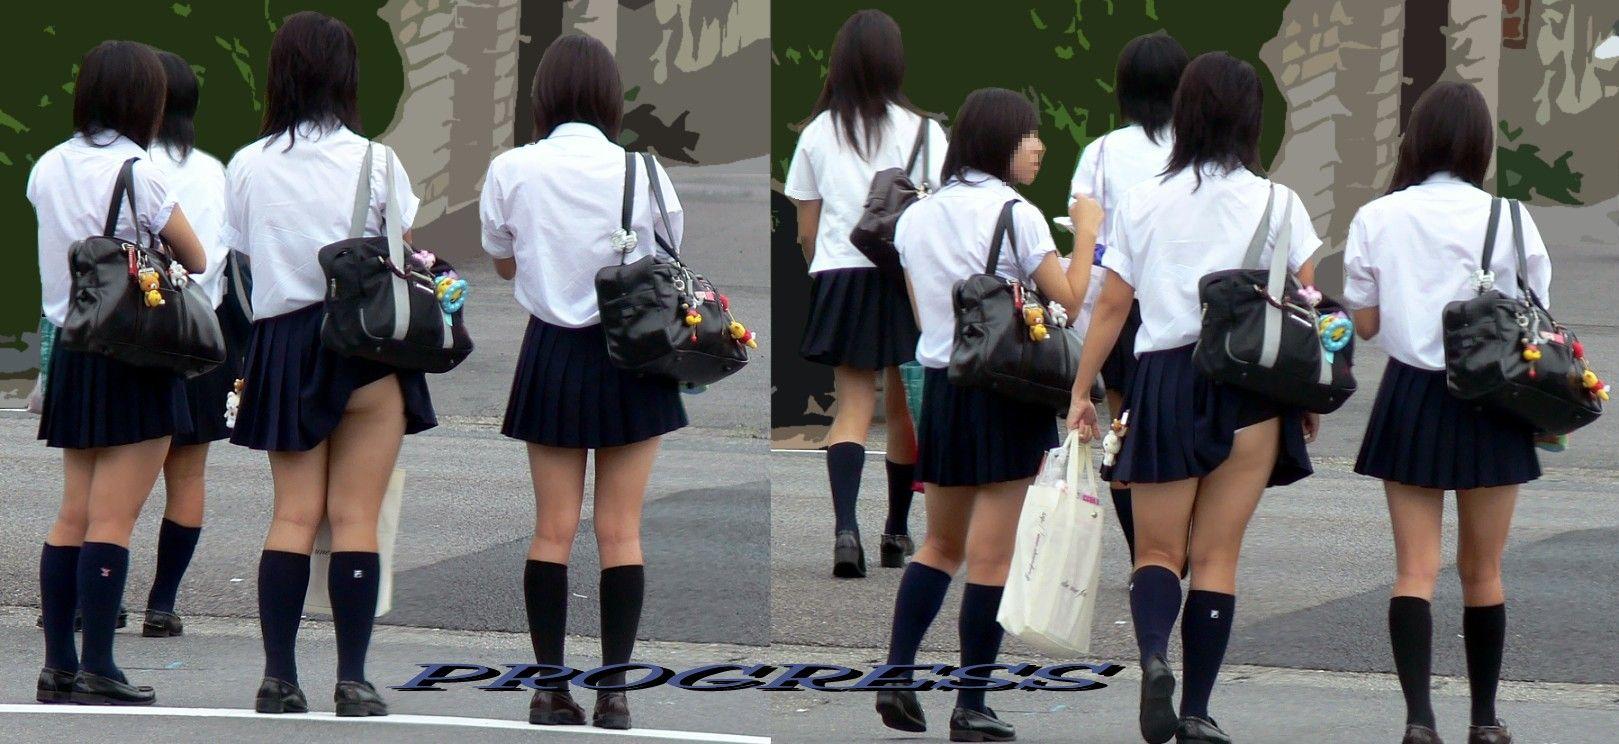 歩くパンティことミニスカJKの街撮り画像をくださいwwwwwwww blog import 51a71479304d5